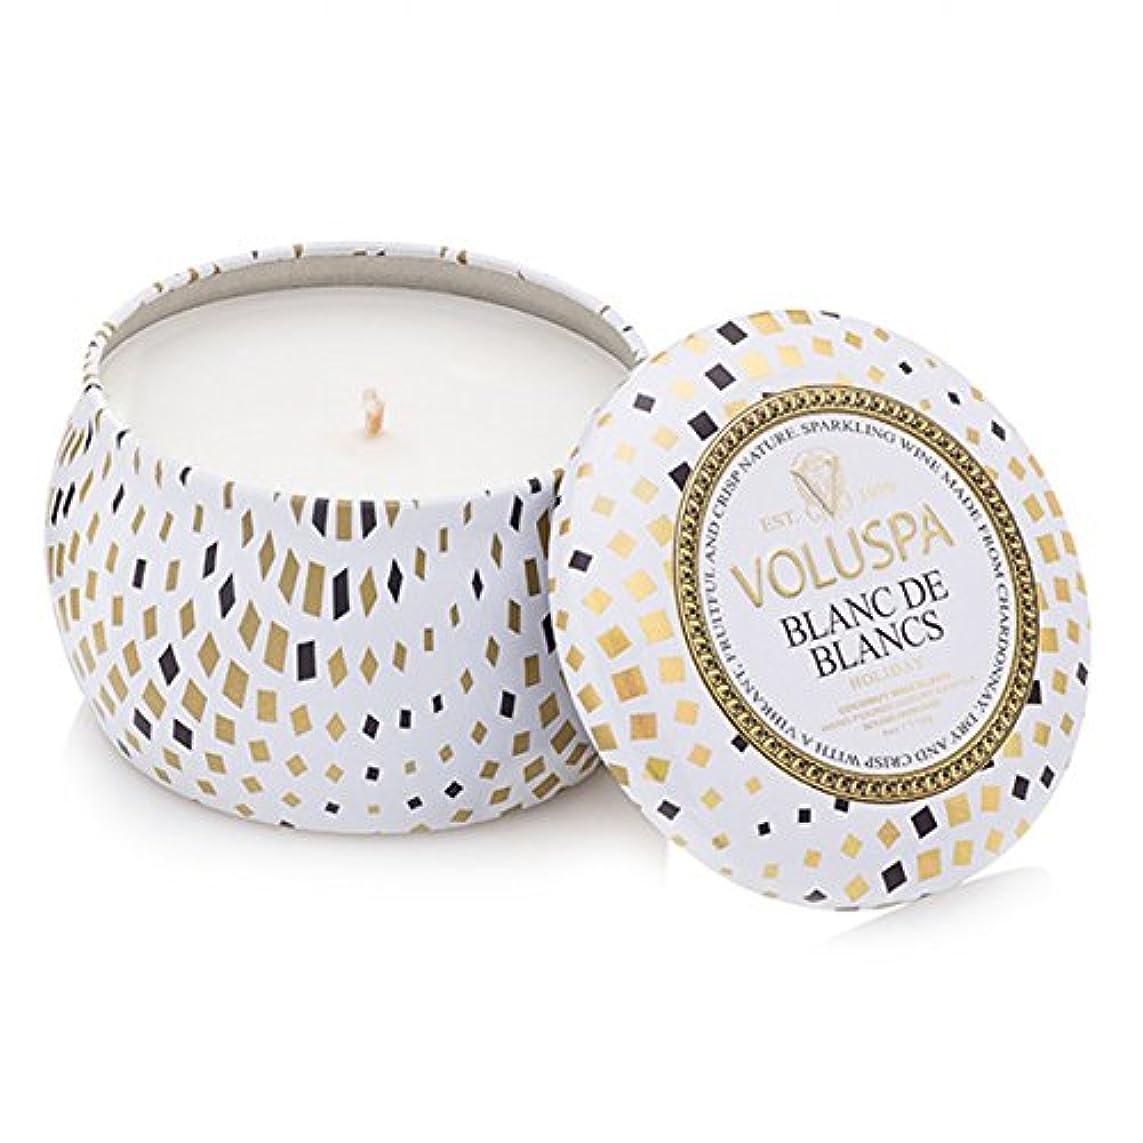 特別な侮辱意気揚々Voluspa ボルスパ メゾンホリデー ティンキャンドル  S ブラン ド ブラン BLANC DE BLANCS MASION HOLIDAY PETITE Tin Glass Candle